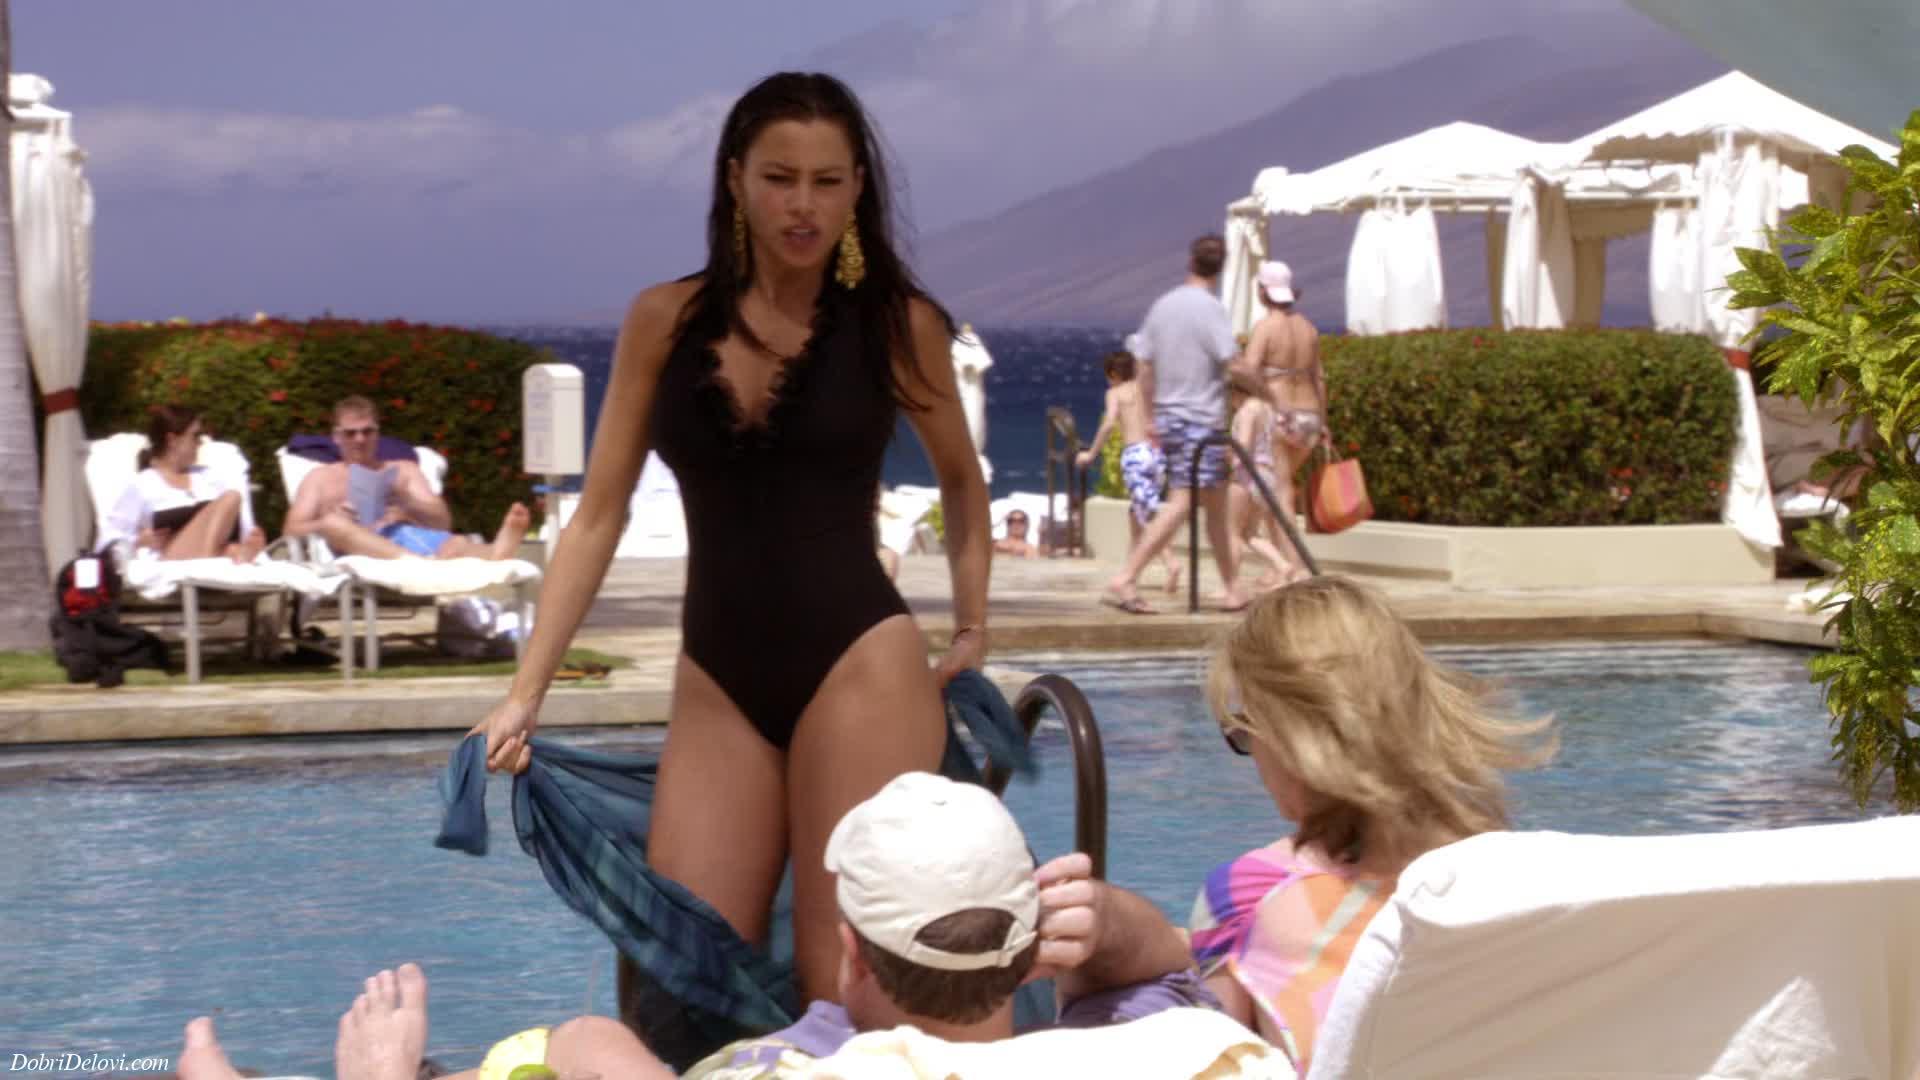 Sofia Vergara pool side in black bikini scene from Modern Family